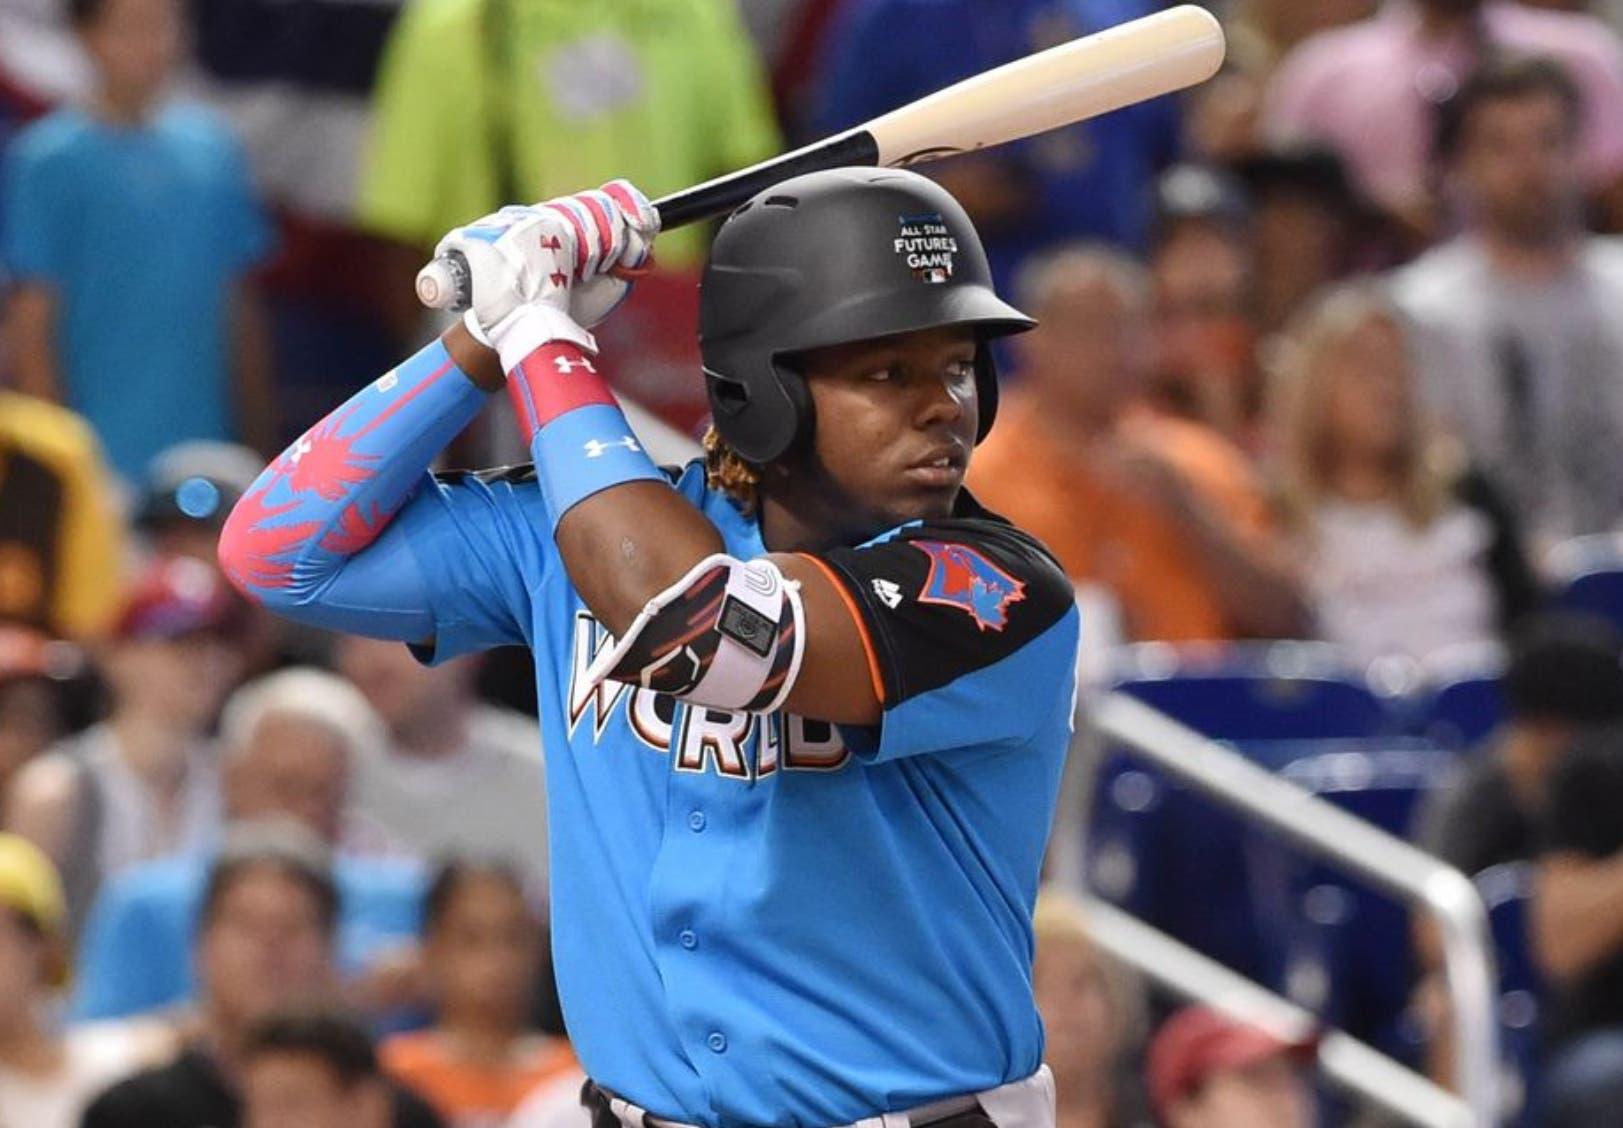 El prometedor jugador Vladimir Guerrero hijo será una de las atracciones en el venidero torneo de béisbol profesional dominicano.